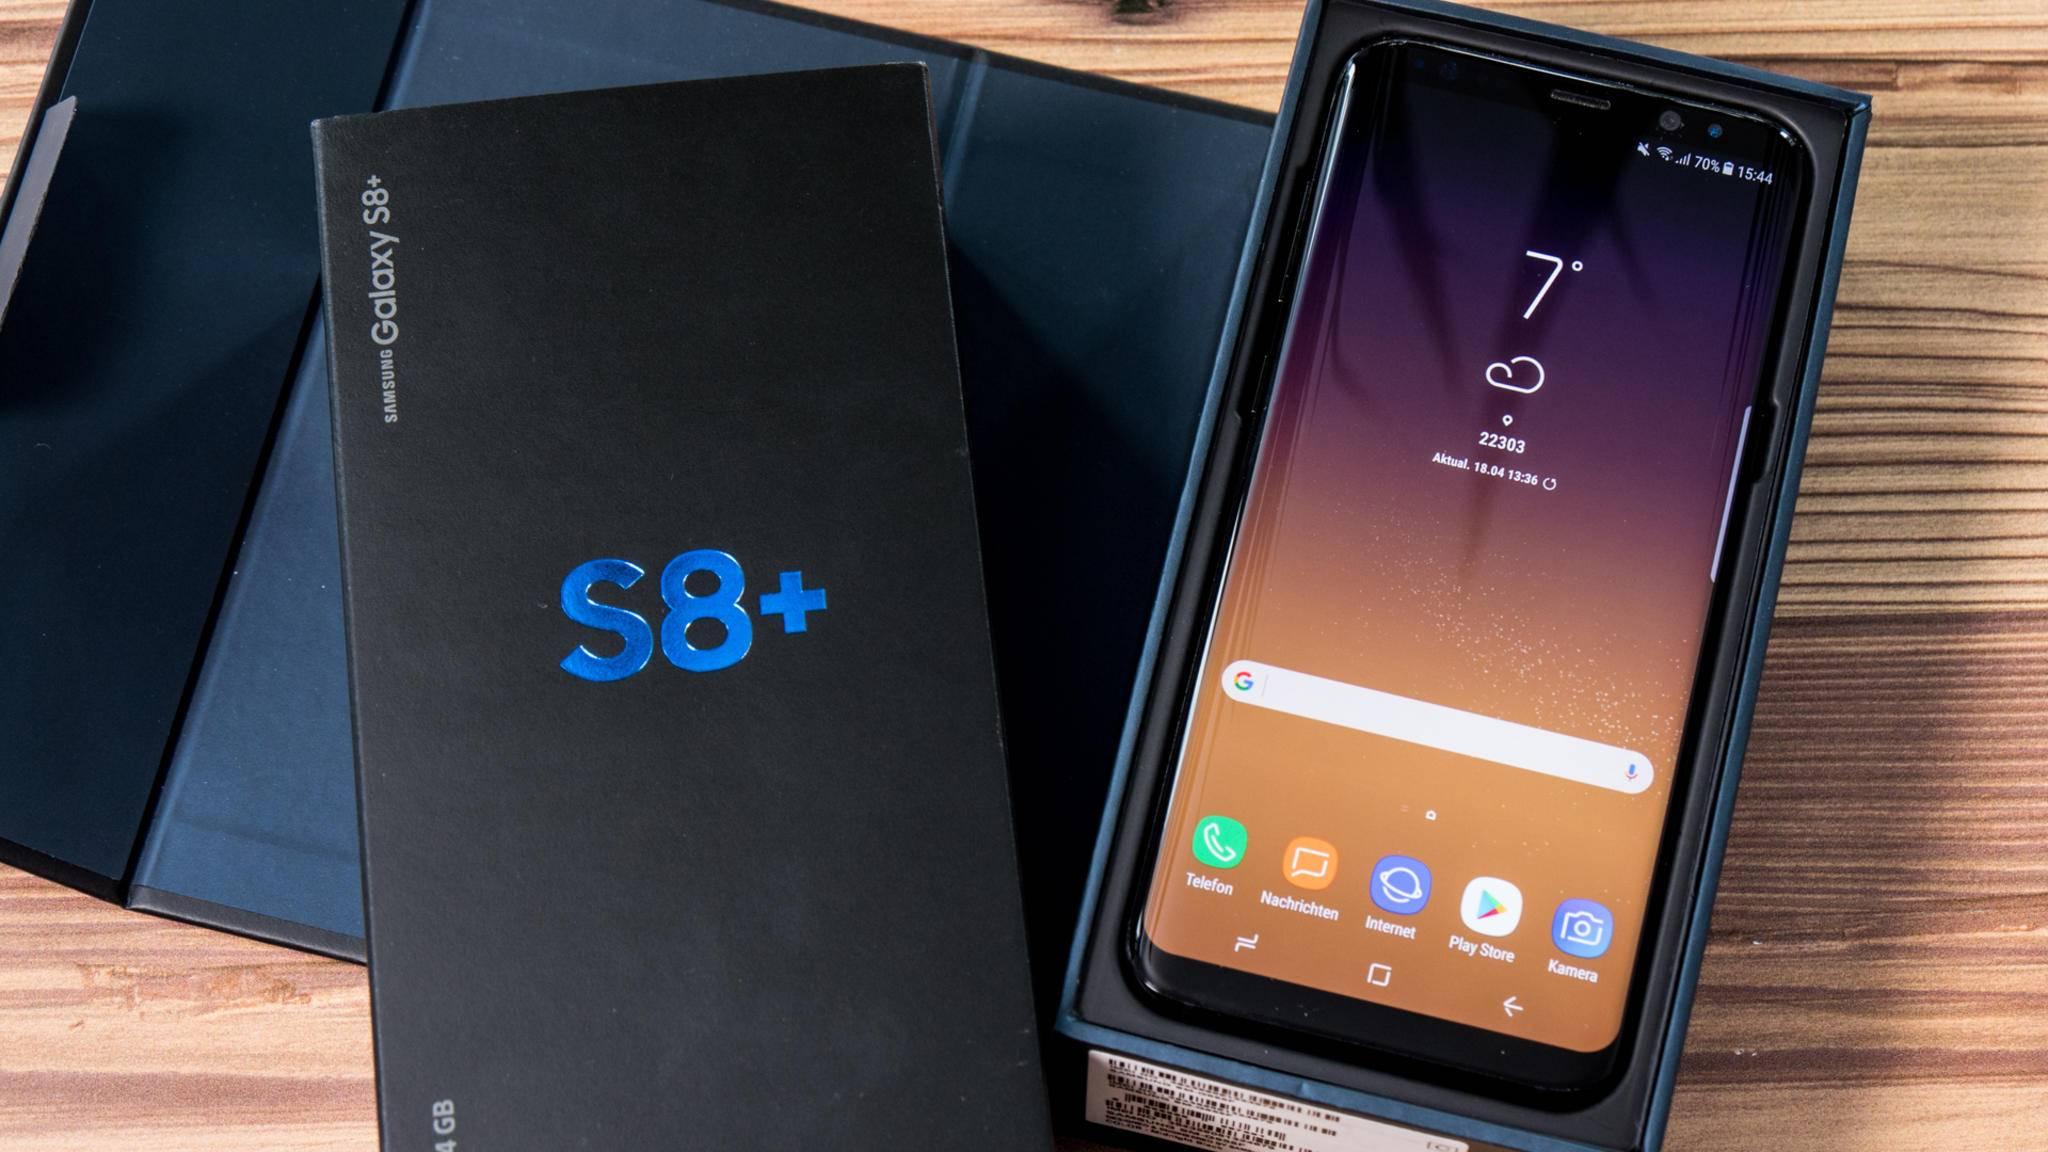 Das Galaxy S8 und das S8 Plus wurden im zweiten Quartal häufiger ausgeliefert als die Android-Konkurrenz.